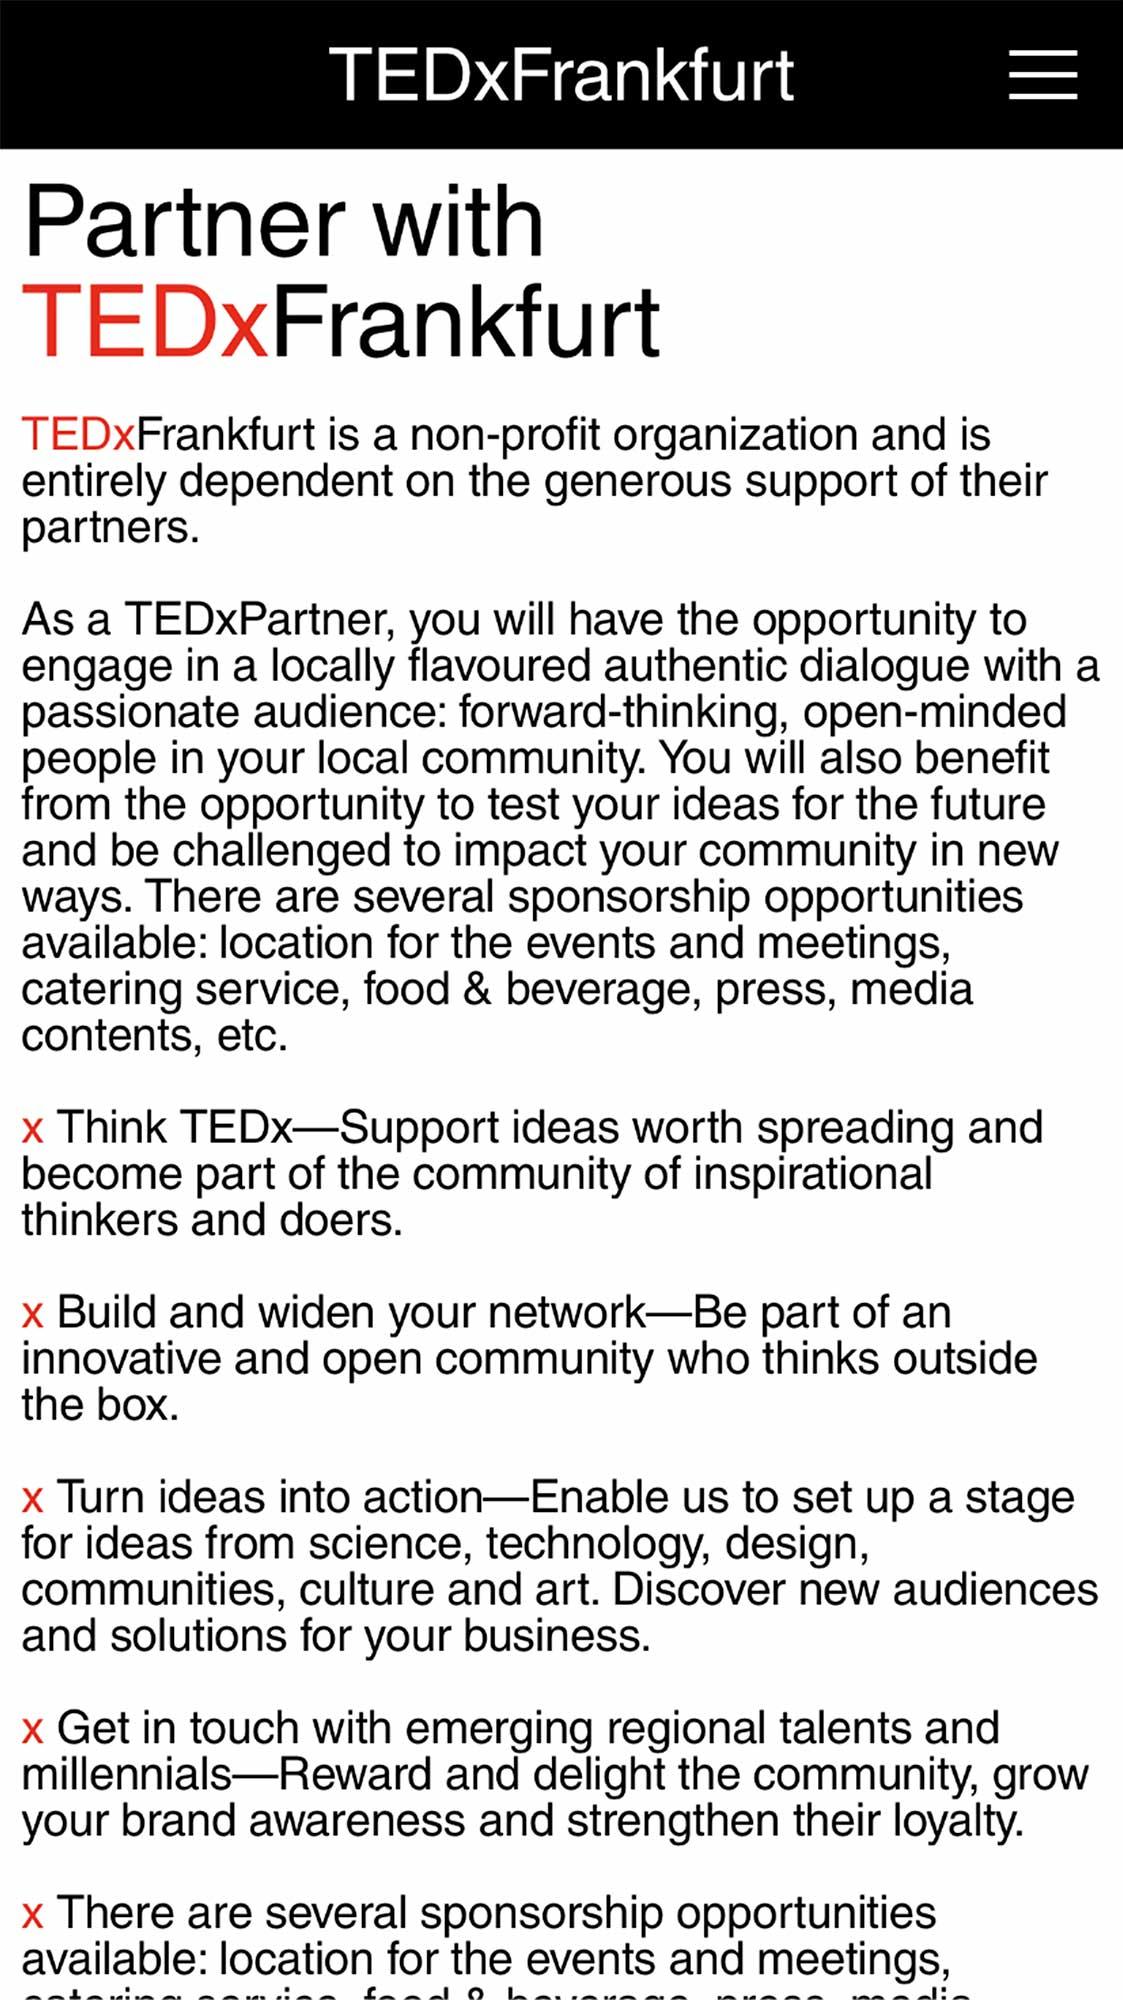 TEDX 9